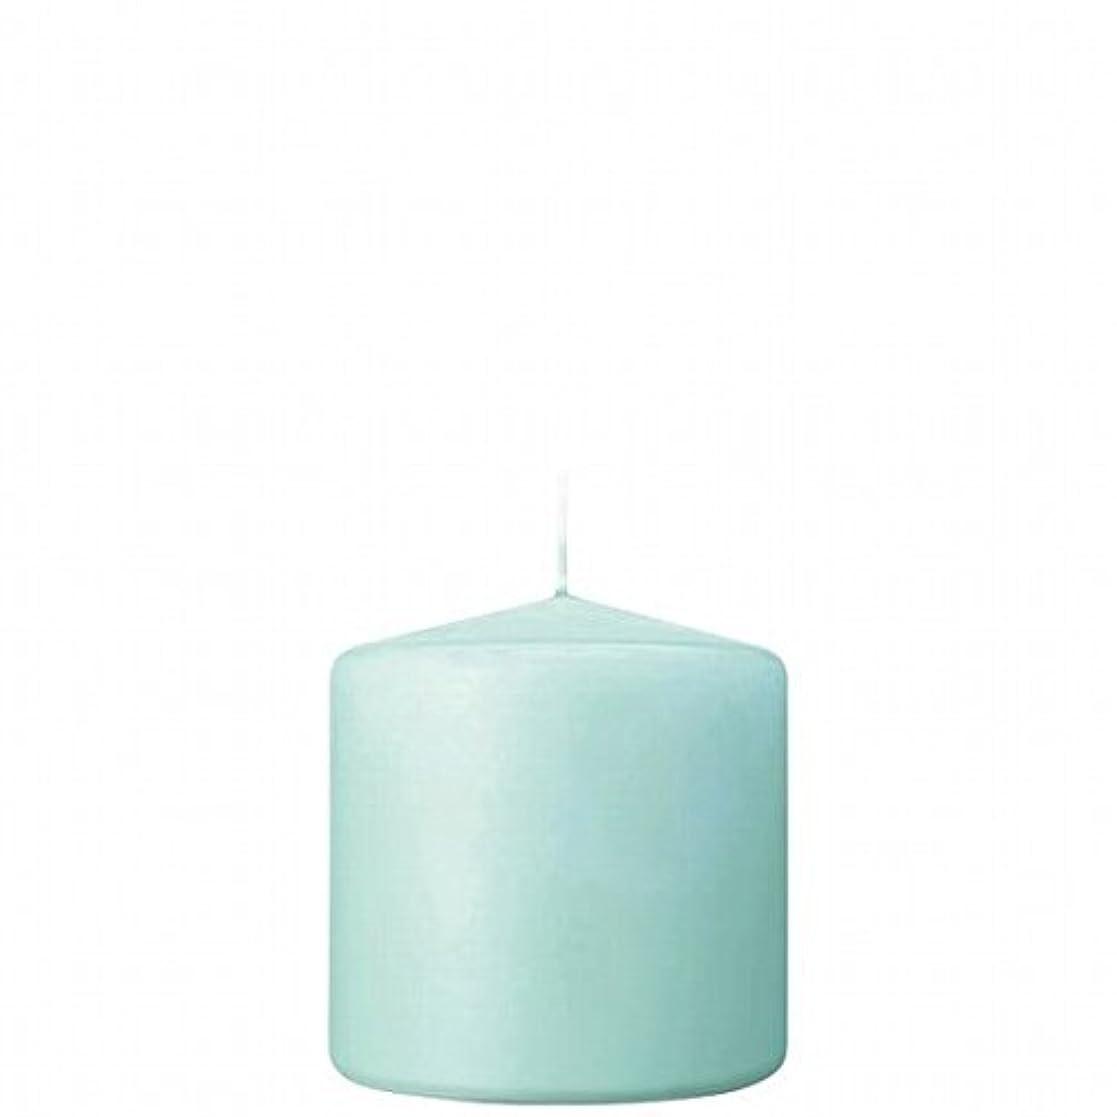 覚えているオーラルペネロペkameyama candle(カメヤマキャンドル) 3×3ベルトップピラーキャンドル 「 ライトブルー 」(A9730000LB)